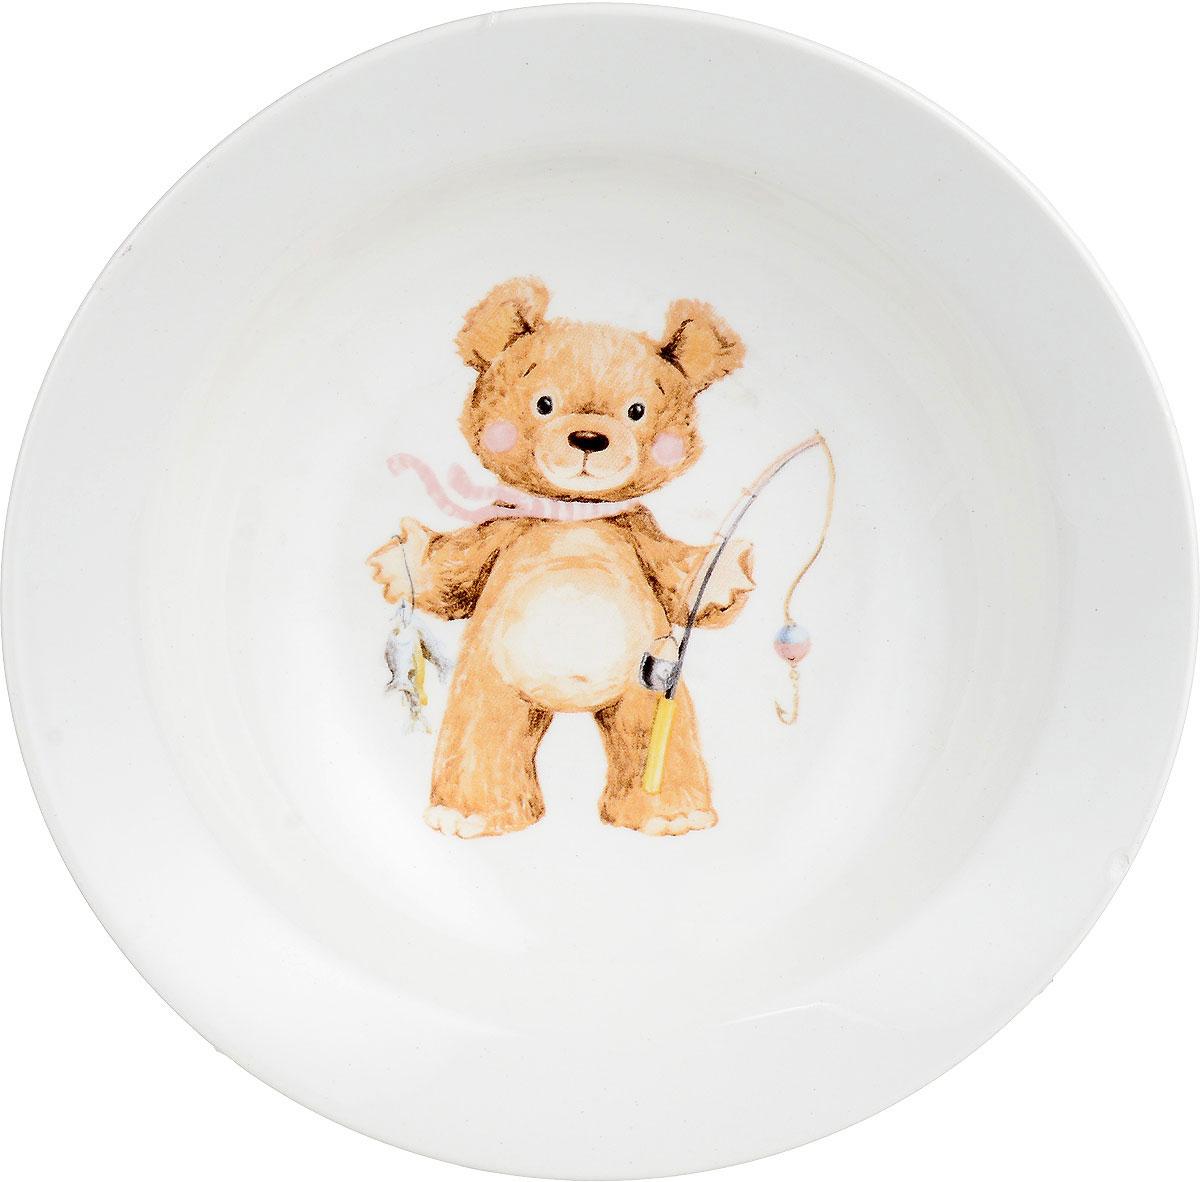 Кубаньфарфор Миска детская Медвежата 250 мл1301433_с удочкойФаянсовая детская посуда с забавным рисунком понравится каждому малышу. Изделие из качественного материала станет правильным выбором для повседневной эксплуатации и поможет превратить каждый прием пищи в радостное приключение. Особенности: - простота мойки, - стойкость к запахам, - насыщенный цвет.